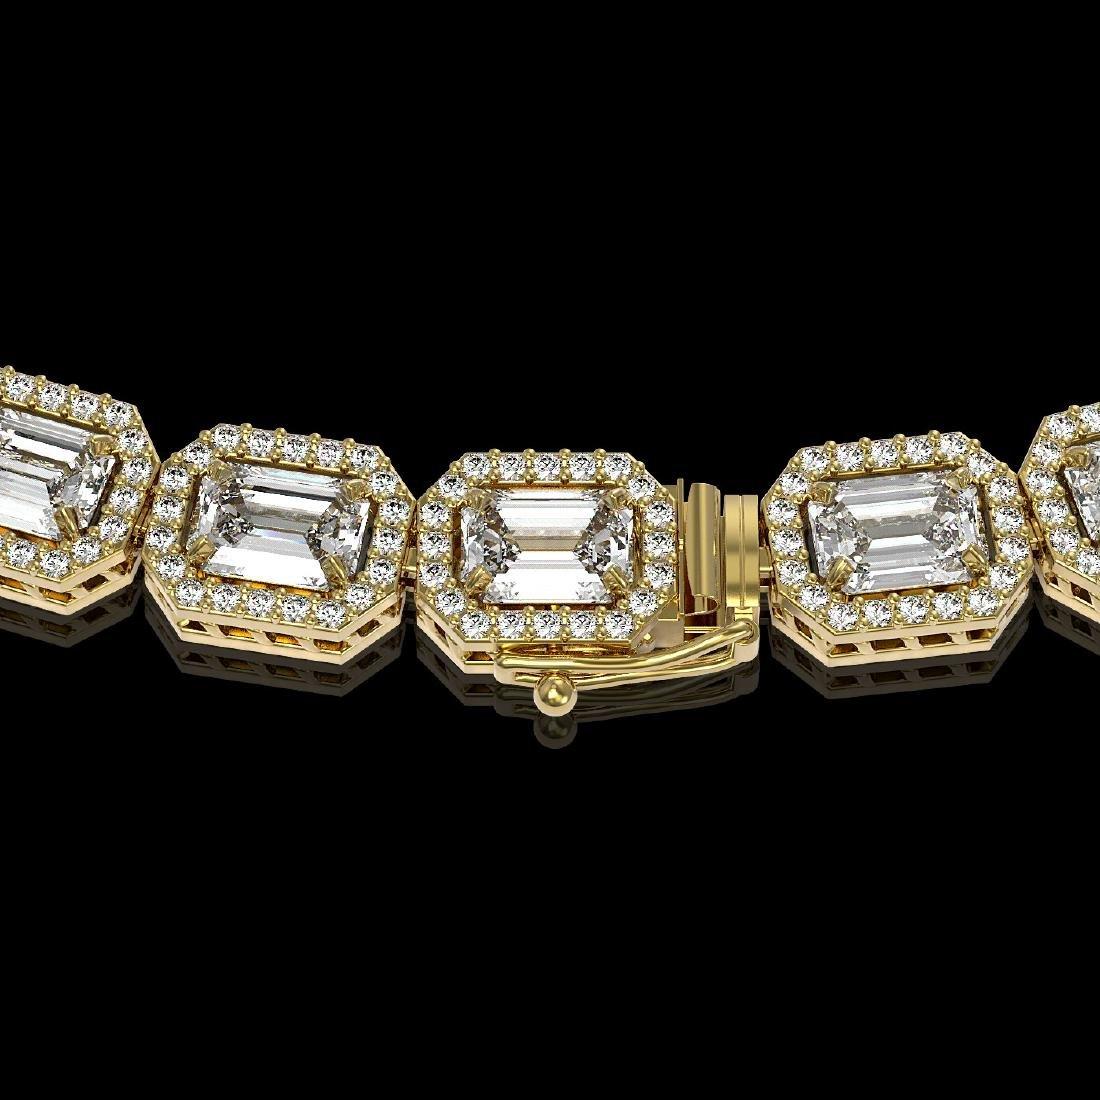 33.10 CTW Emerald Cut Diamond Designer Necklace 18K - 3